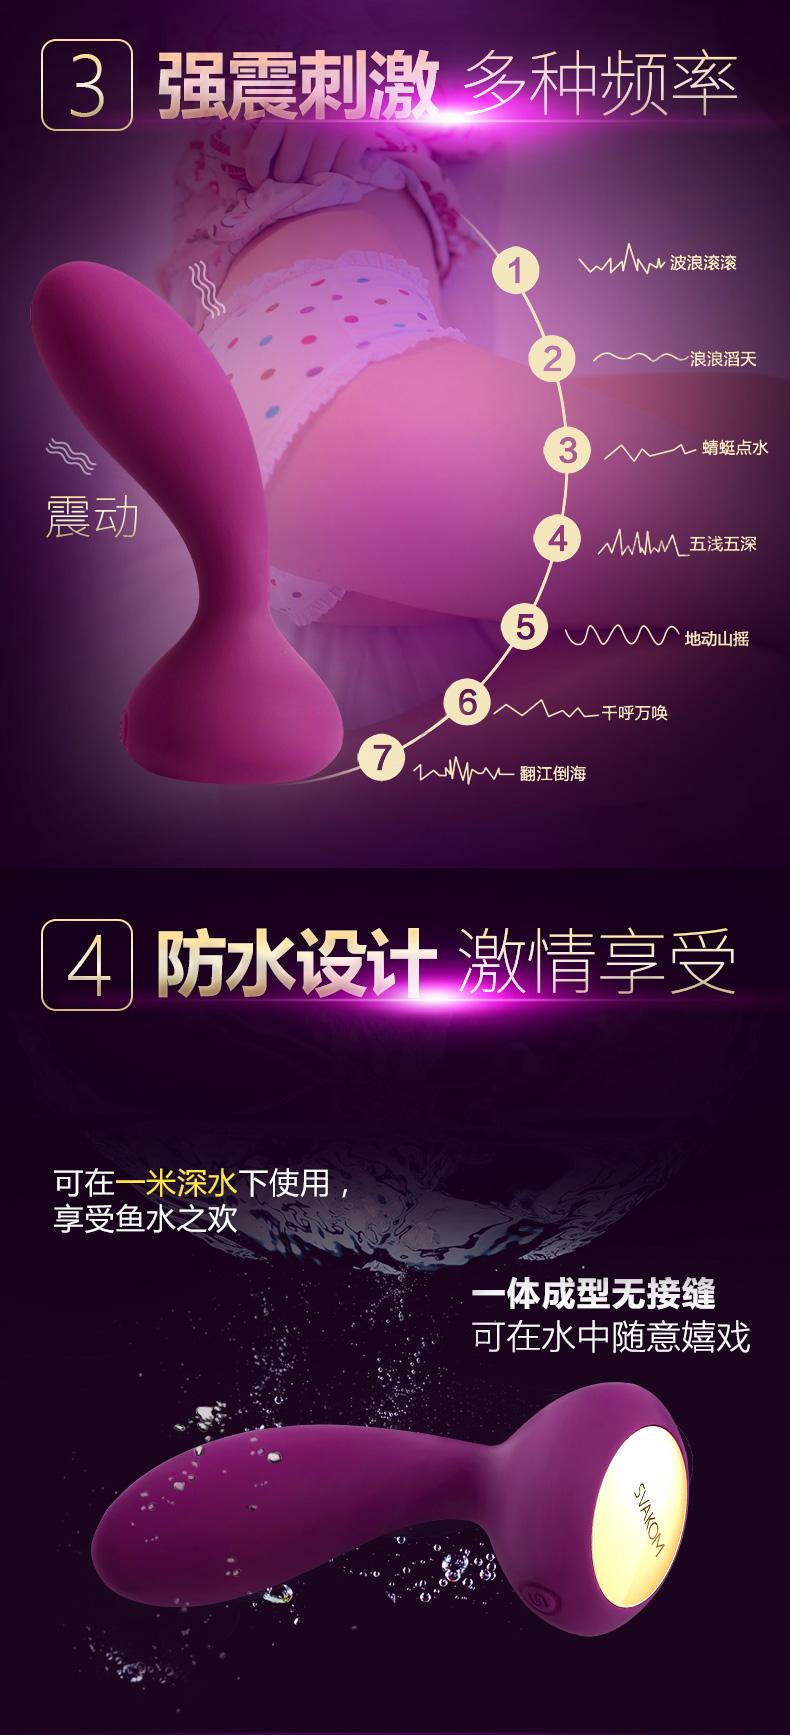 SVAKOM:结合人体工程学,专为亚洲女人群设计,棒身尺寸,头部直径,尺寸最恰当,体验舒爽